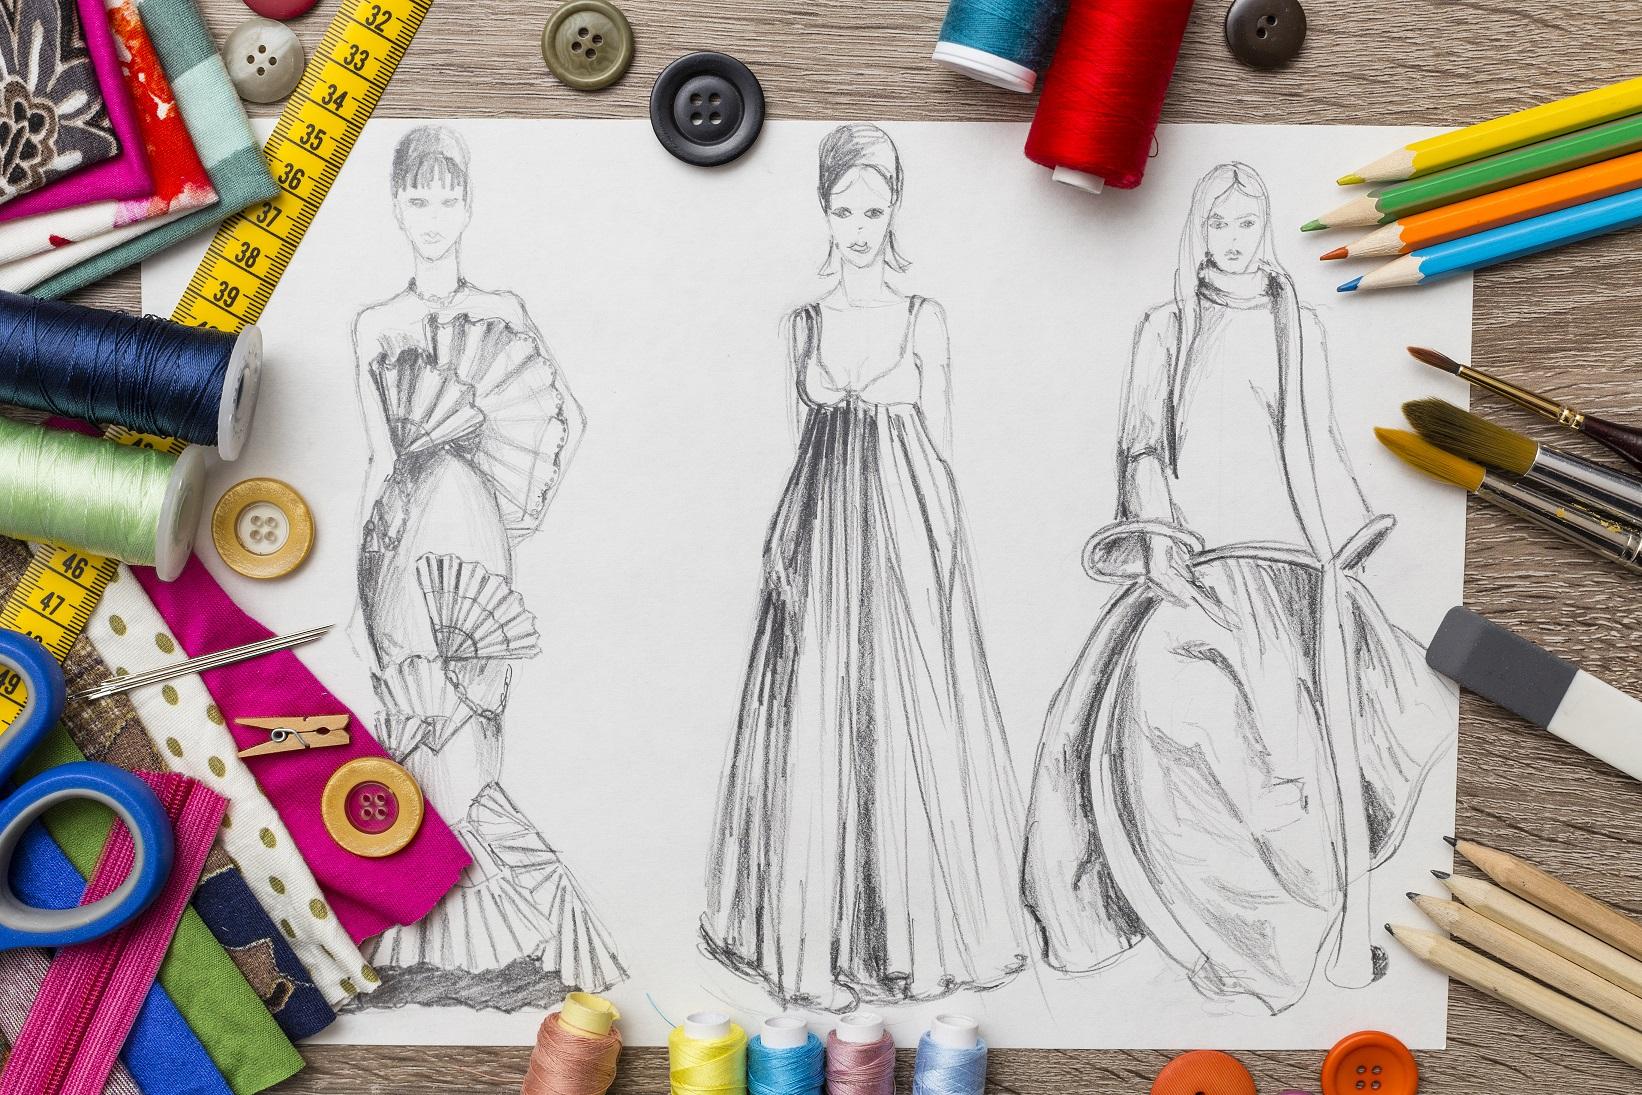 картинки как нарисовать дизайнера разрешение величина, характеризующая